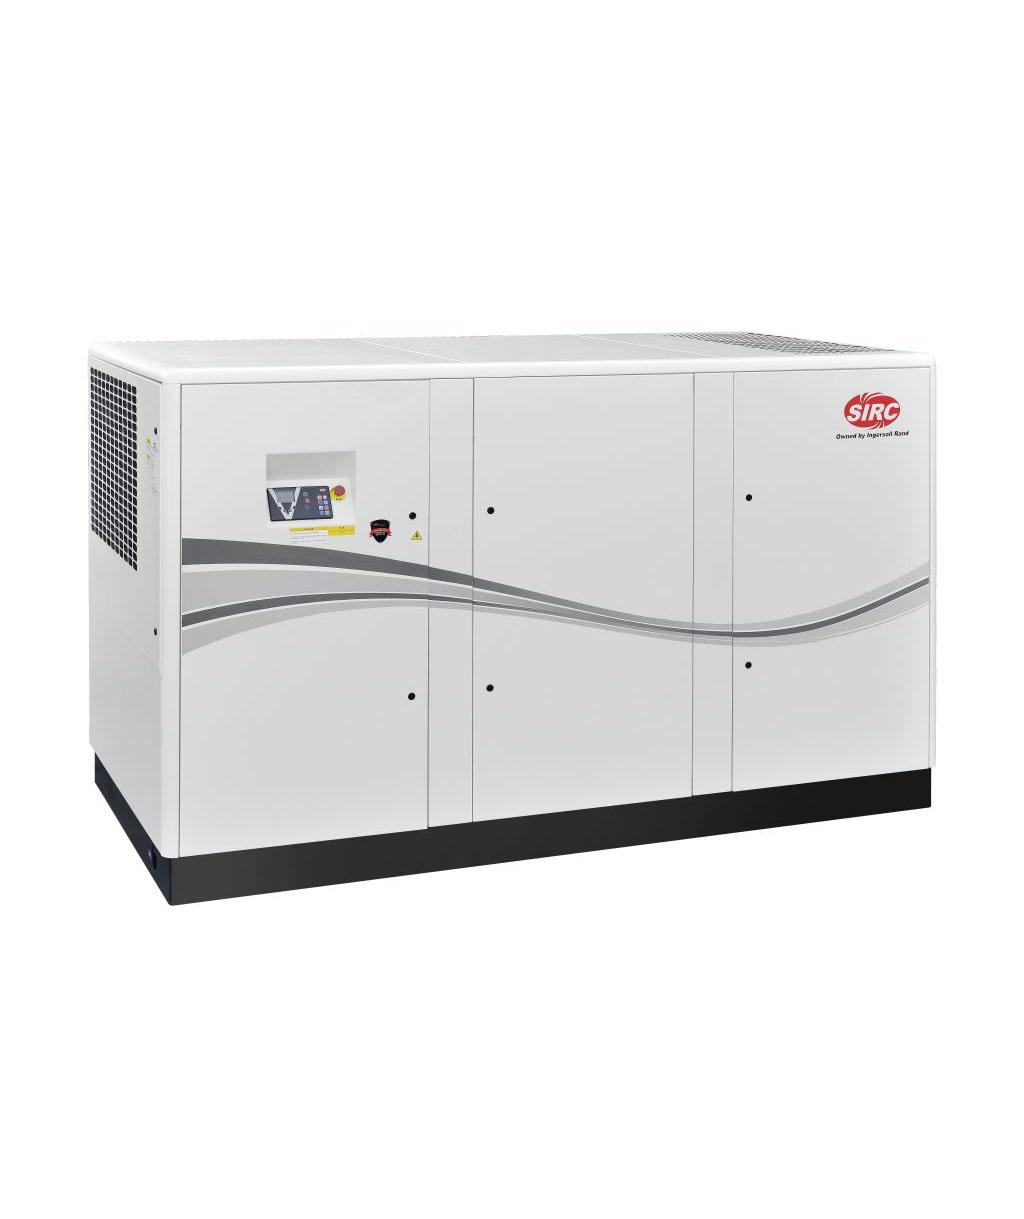 变频空压机在日常中较好用润滑油来进行一系列的保养工作!